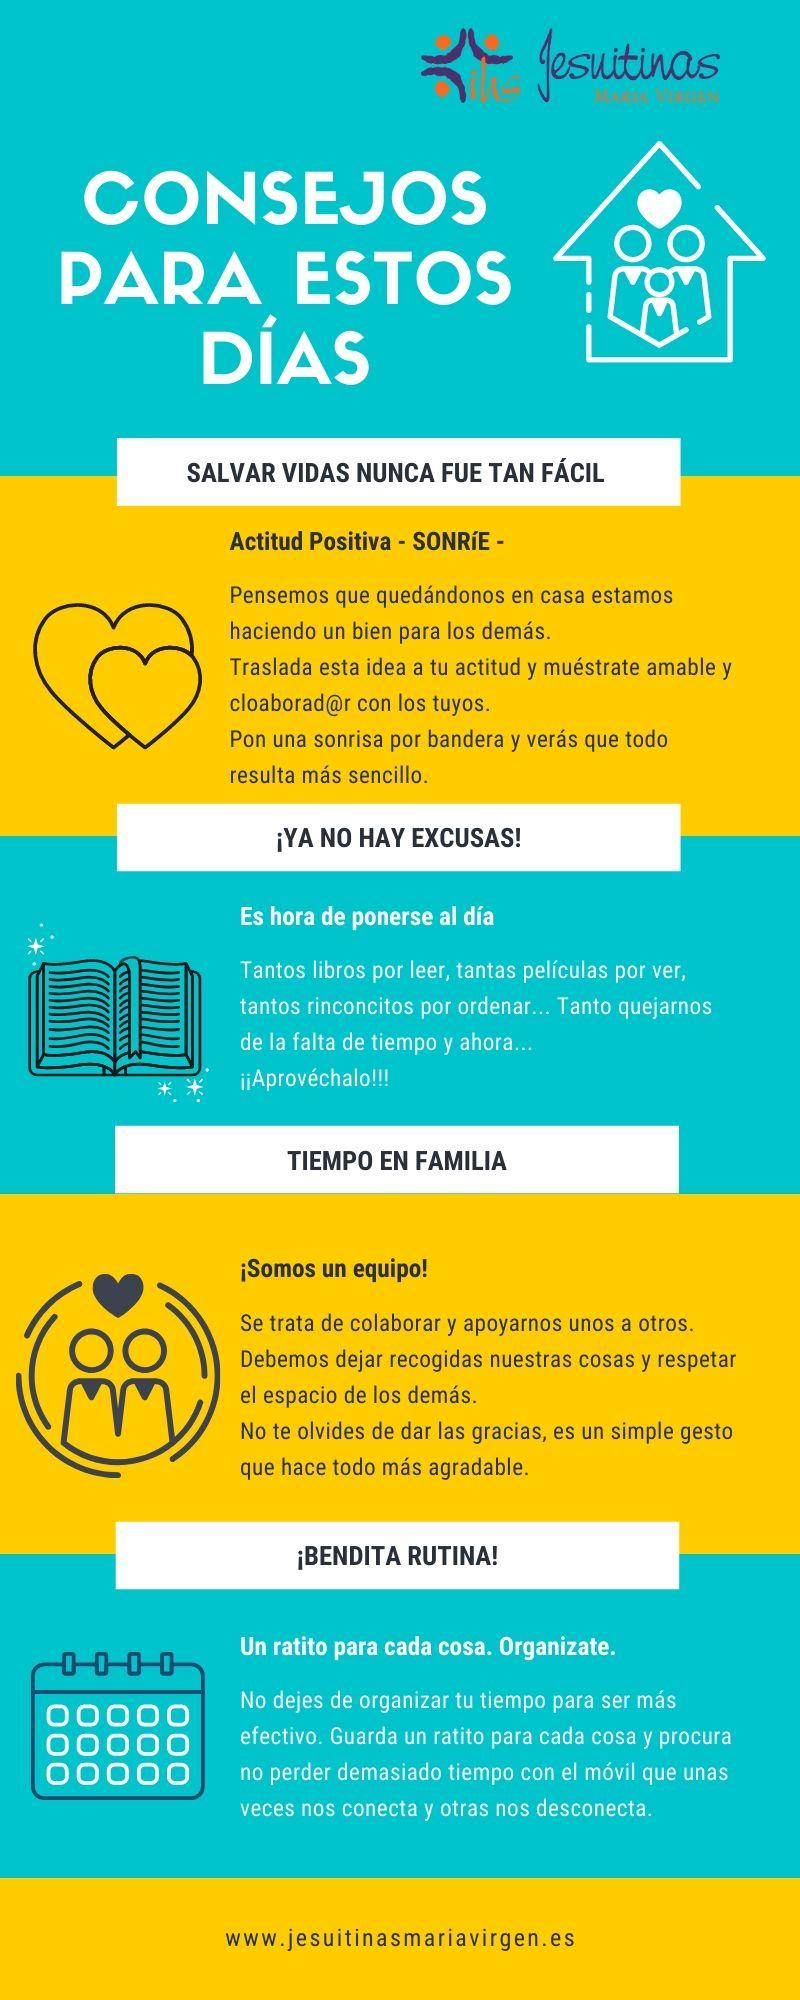 colegio maria virgen jesuitinas concertado chamartin bilingue madrid